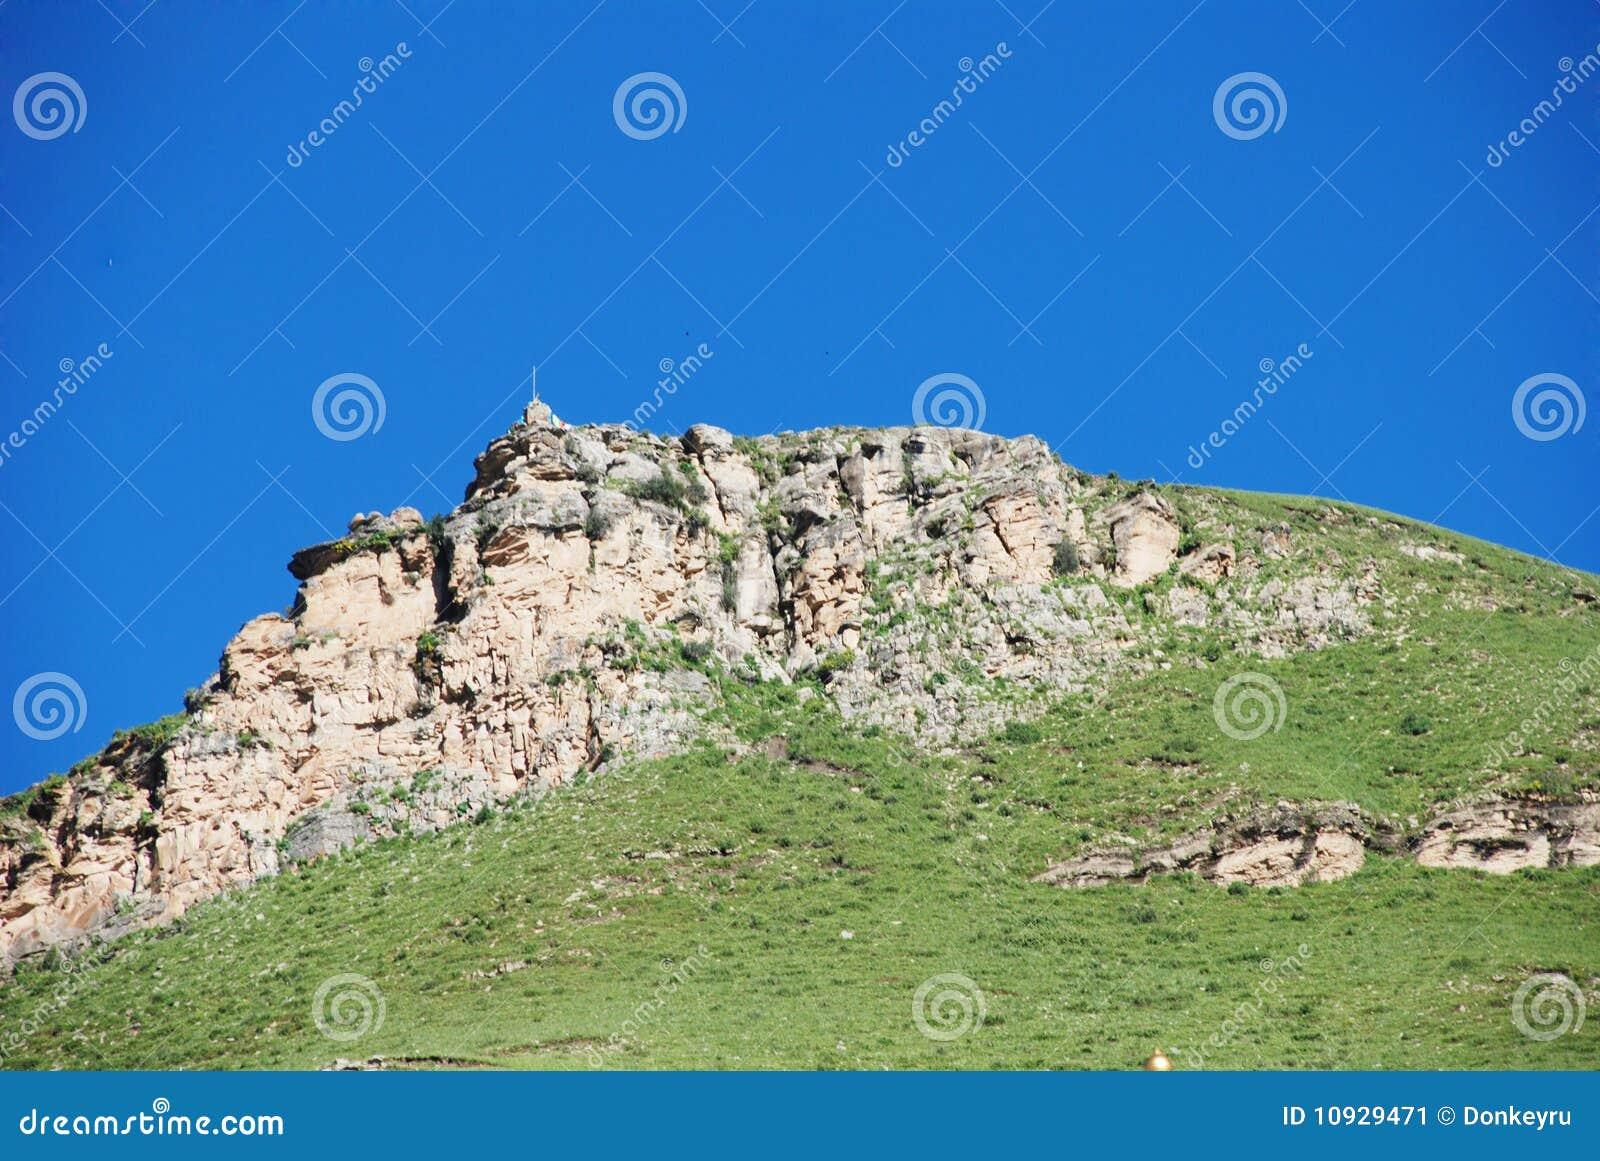 выгон горы каменистый